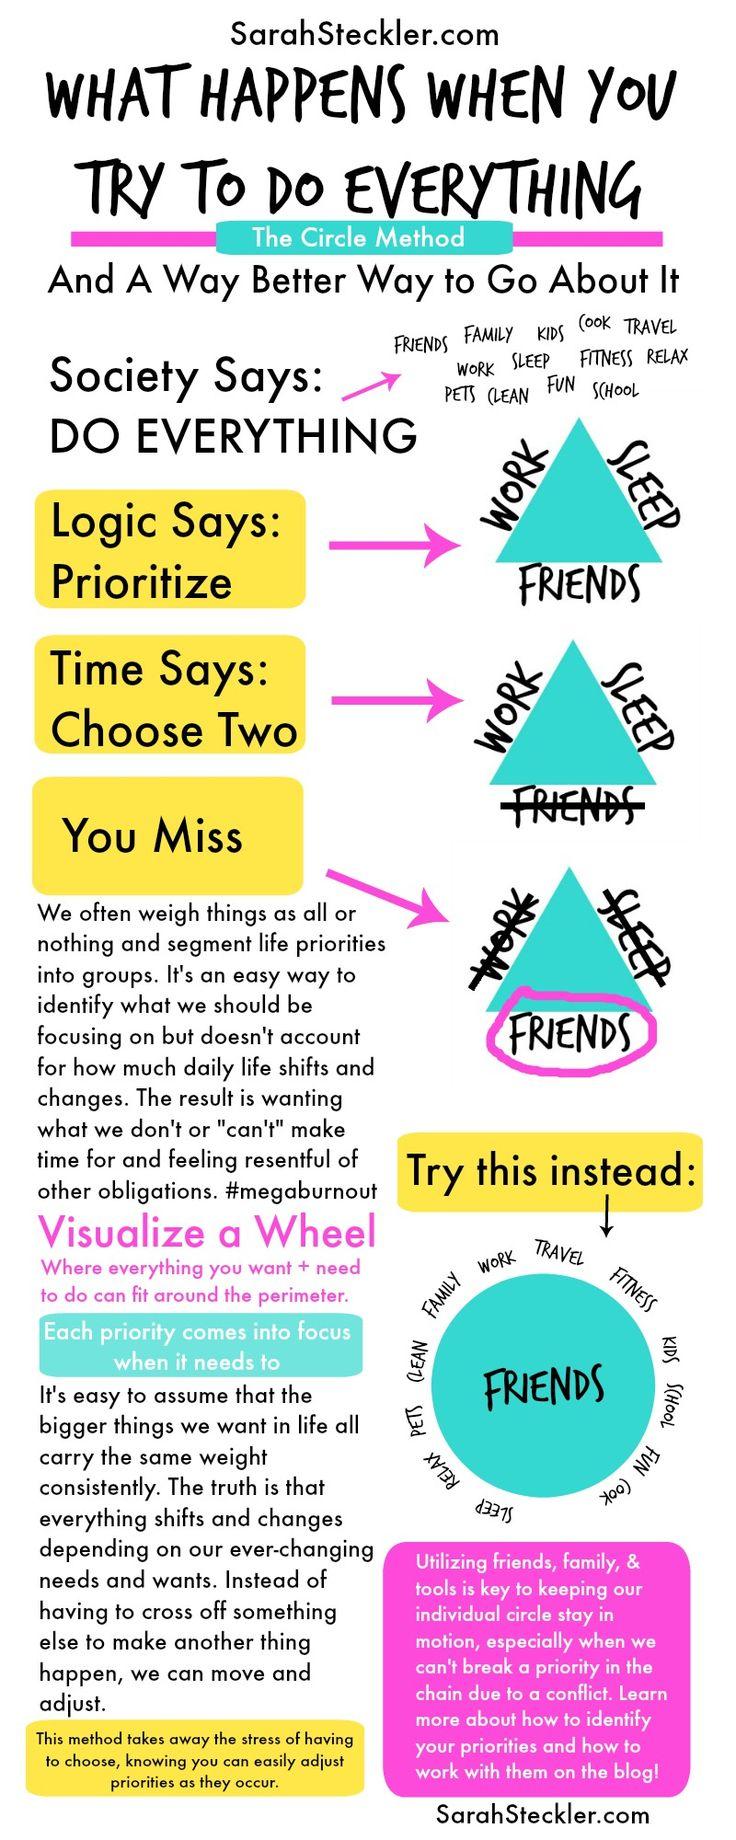 worksheet Stress Portrait Of A Killer Worksheet – Stress Portrait of a Killer Worksheet